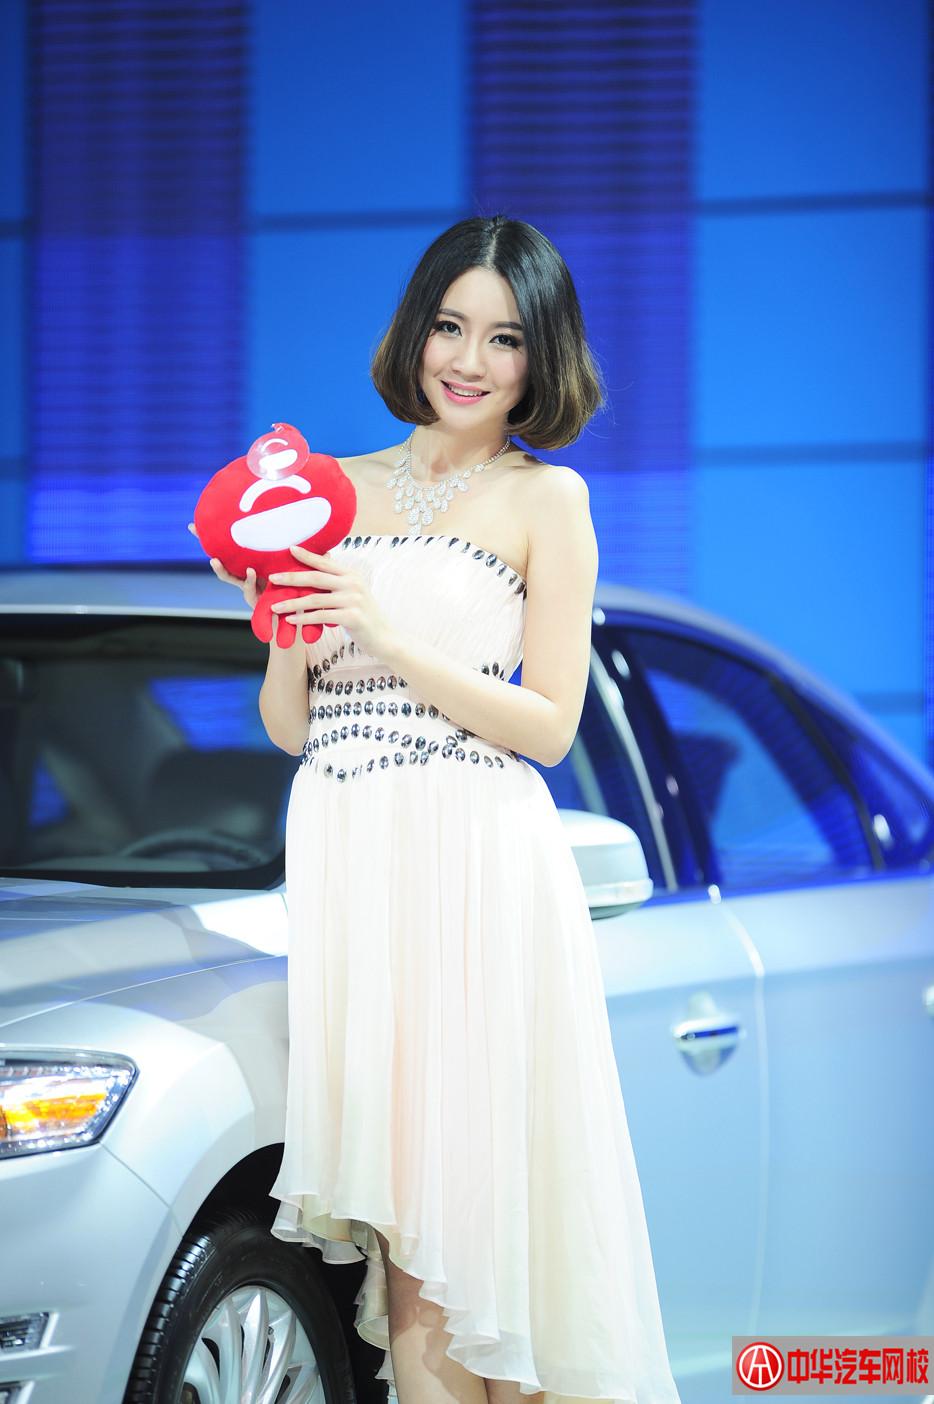 2013年广州车展福特车模 —— 黄丽静雯